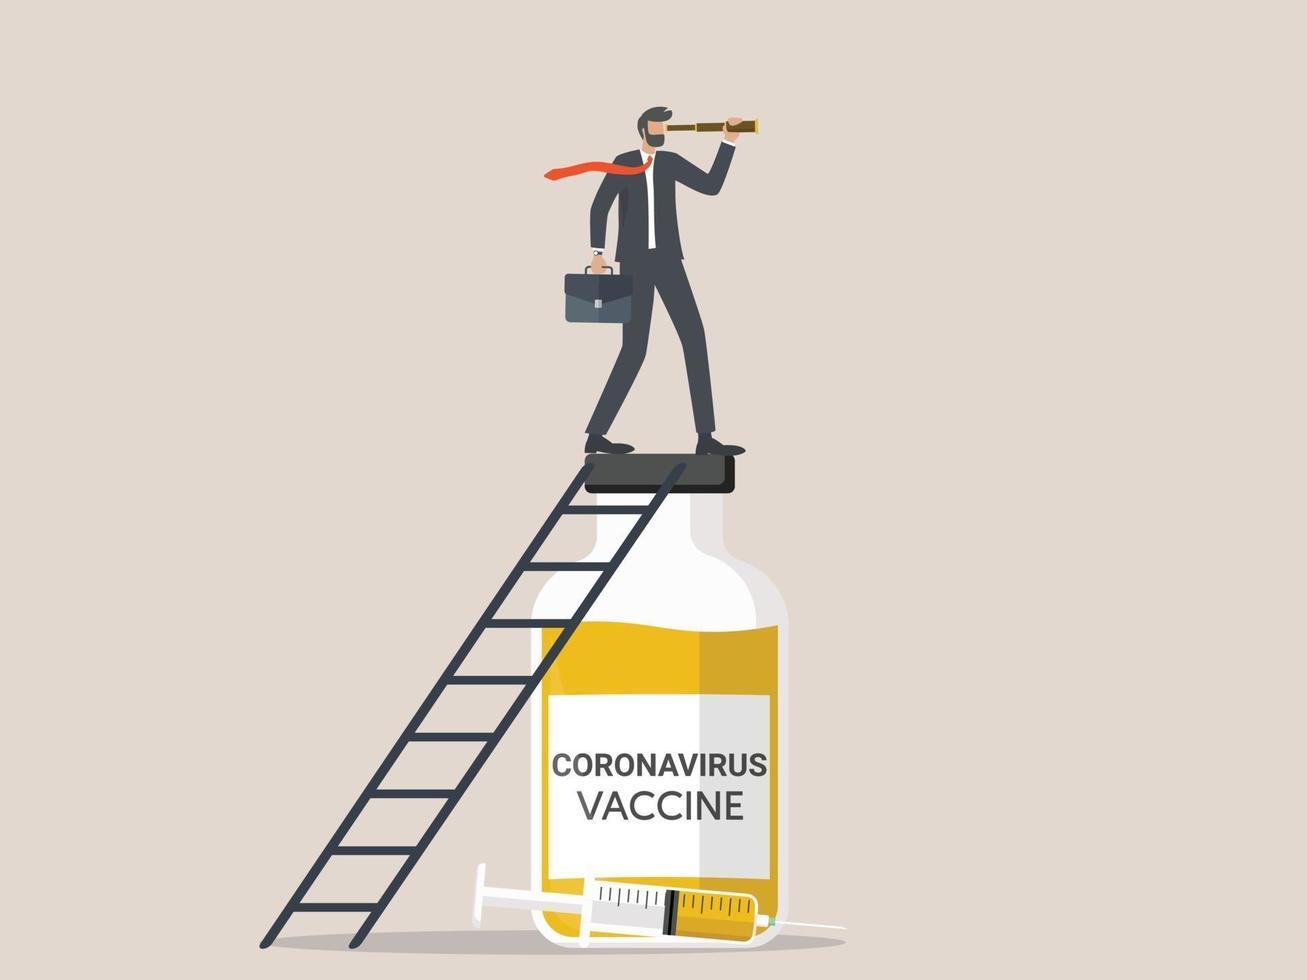 den nya normala affärsvisionen efter att coronavirus-covid-19-vaccinet upptäcktes, ledaren för entreprenören som höll ett teleskop över vaccinflaskan. vektor